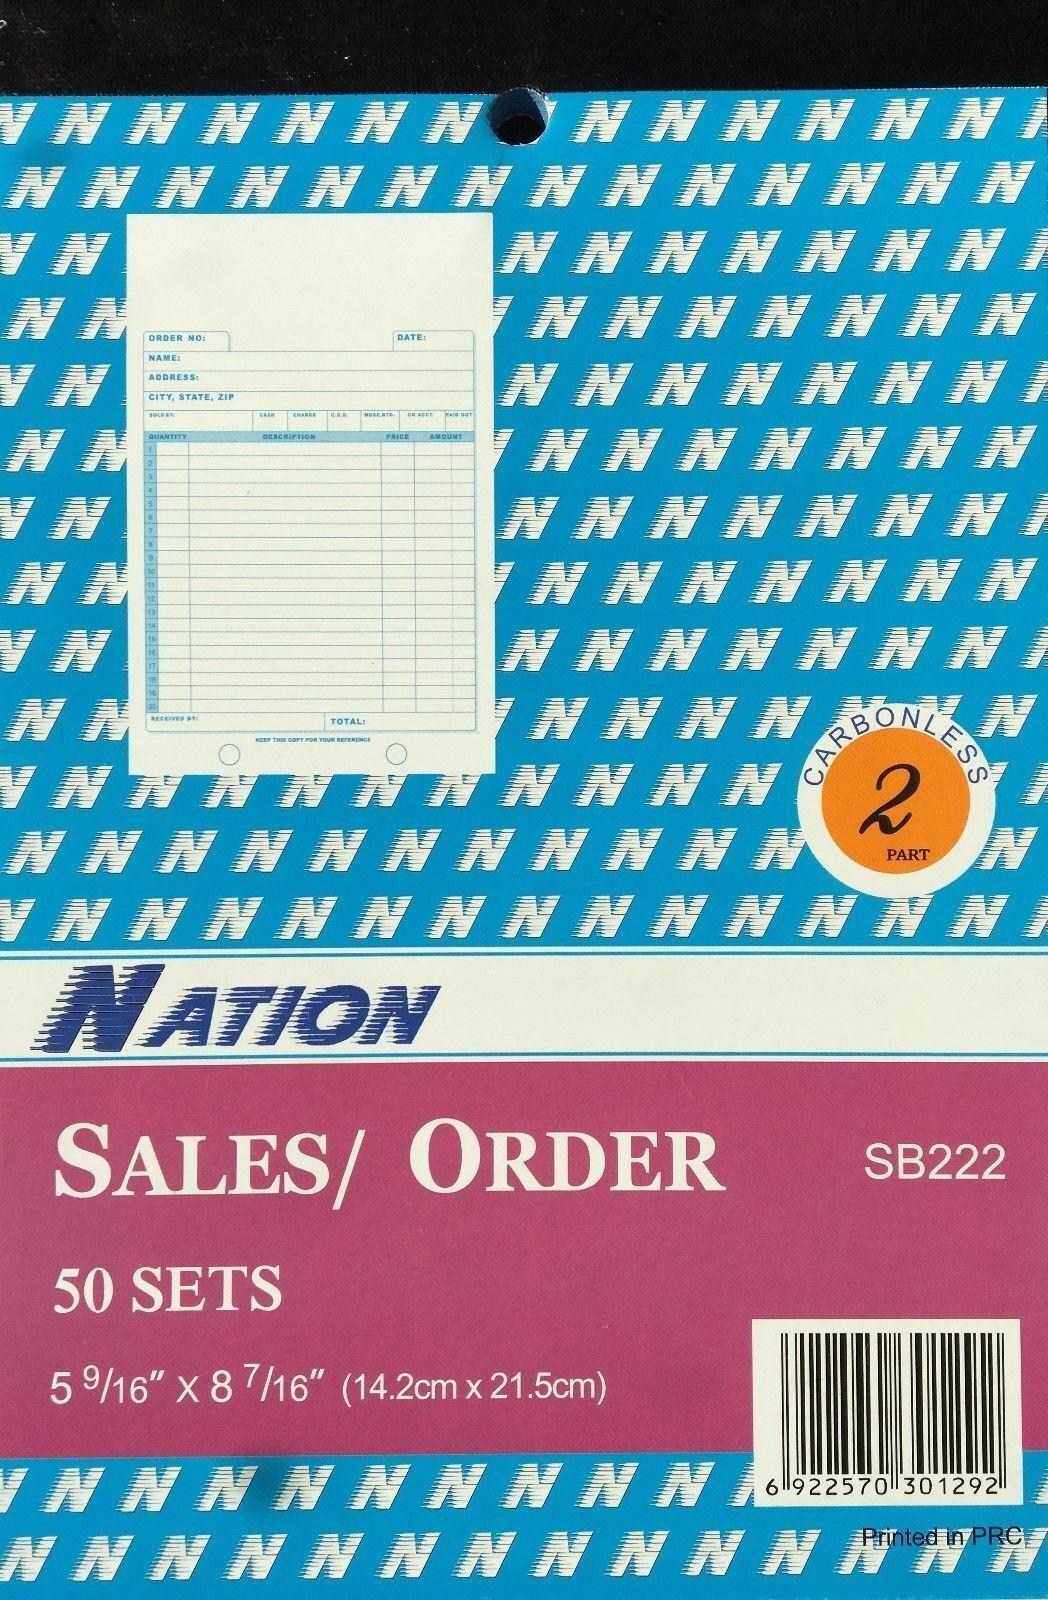 Sales Invoice Order Books Carbon less 50 Sets 2Parts 5 9 16  x 8 7 16  100 Books